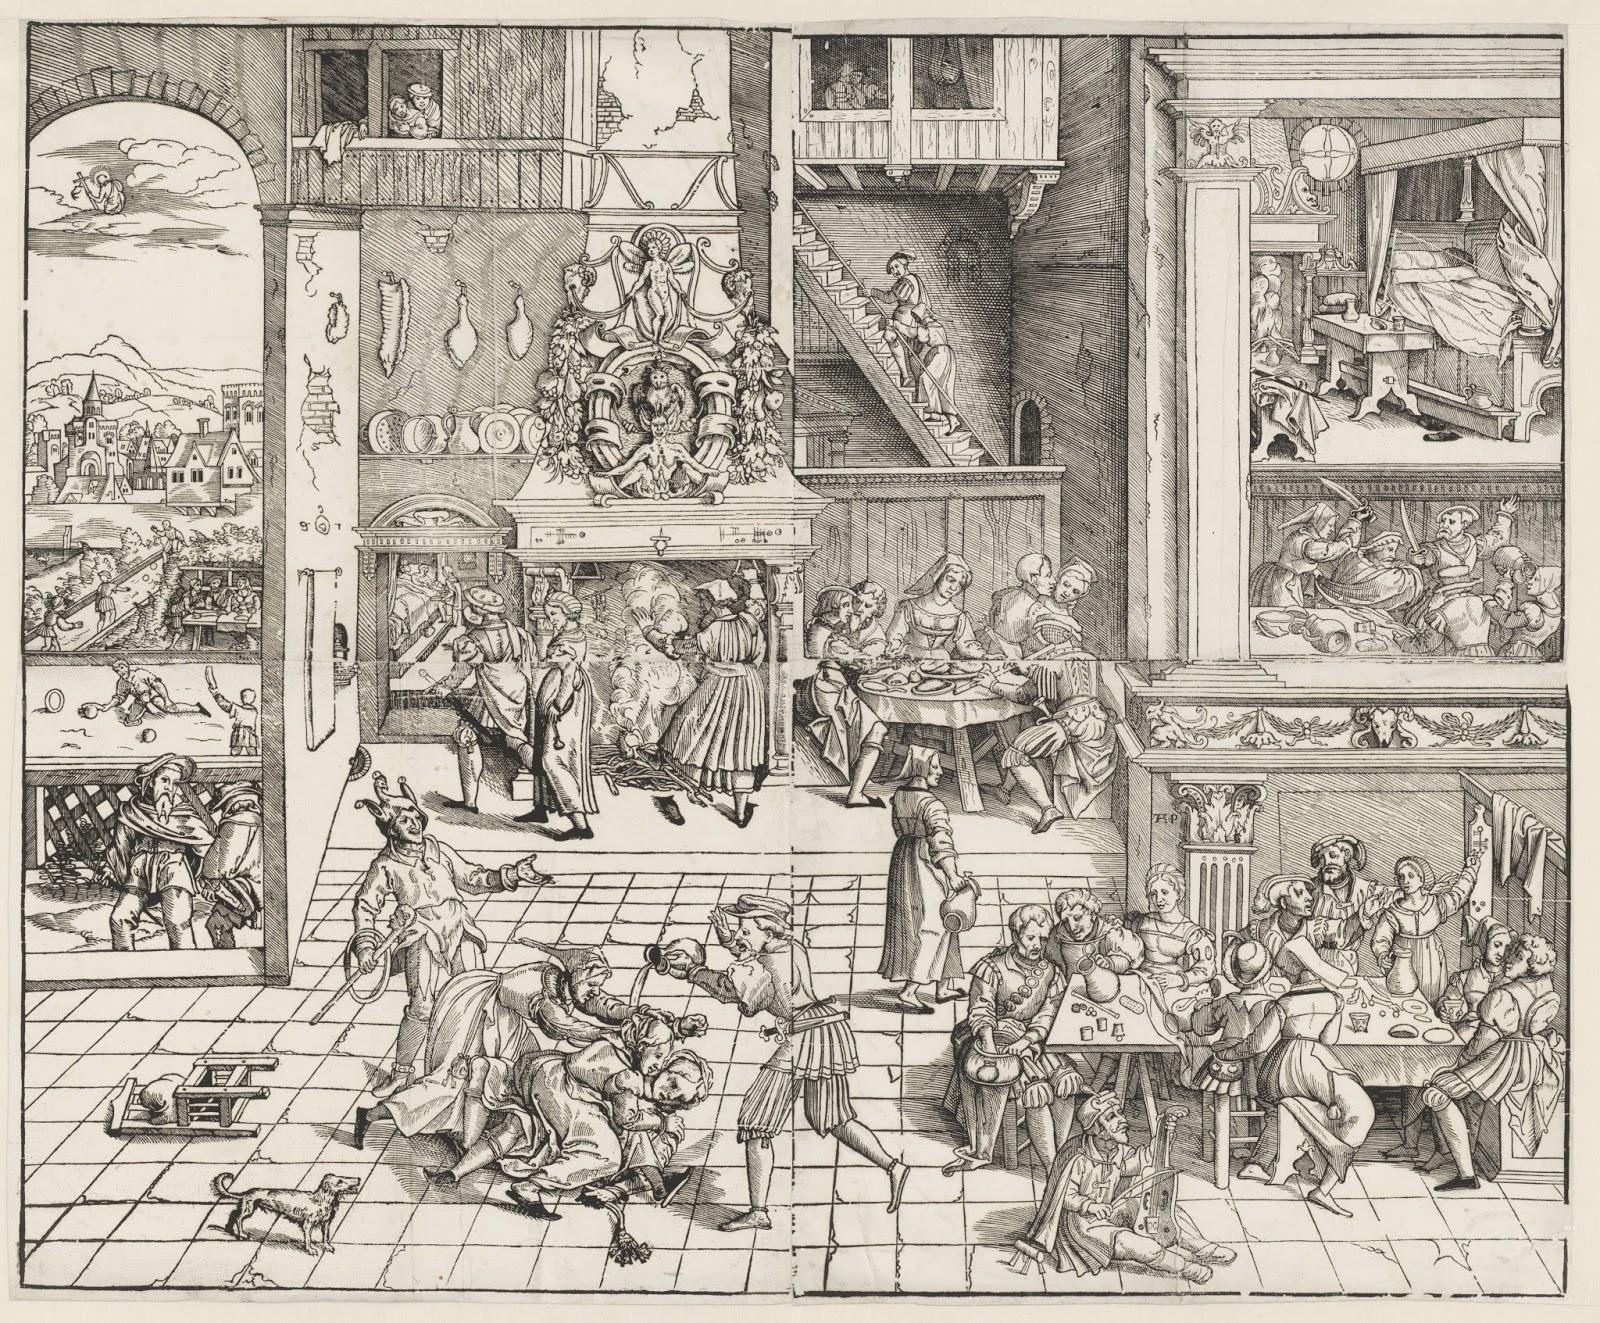 Monogrammist AP_Interieur met verschillende gezelschappen aan tafels (1540) Rijksmuseum, Amsterdam